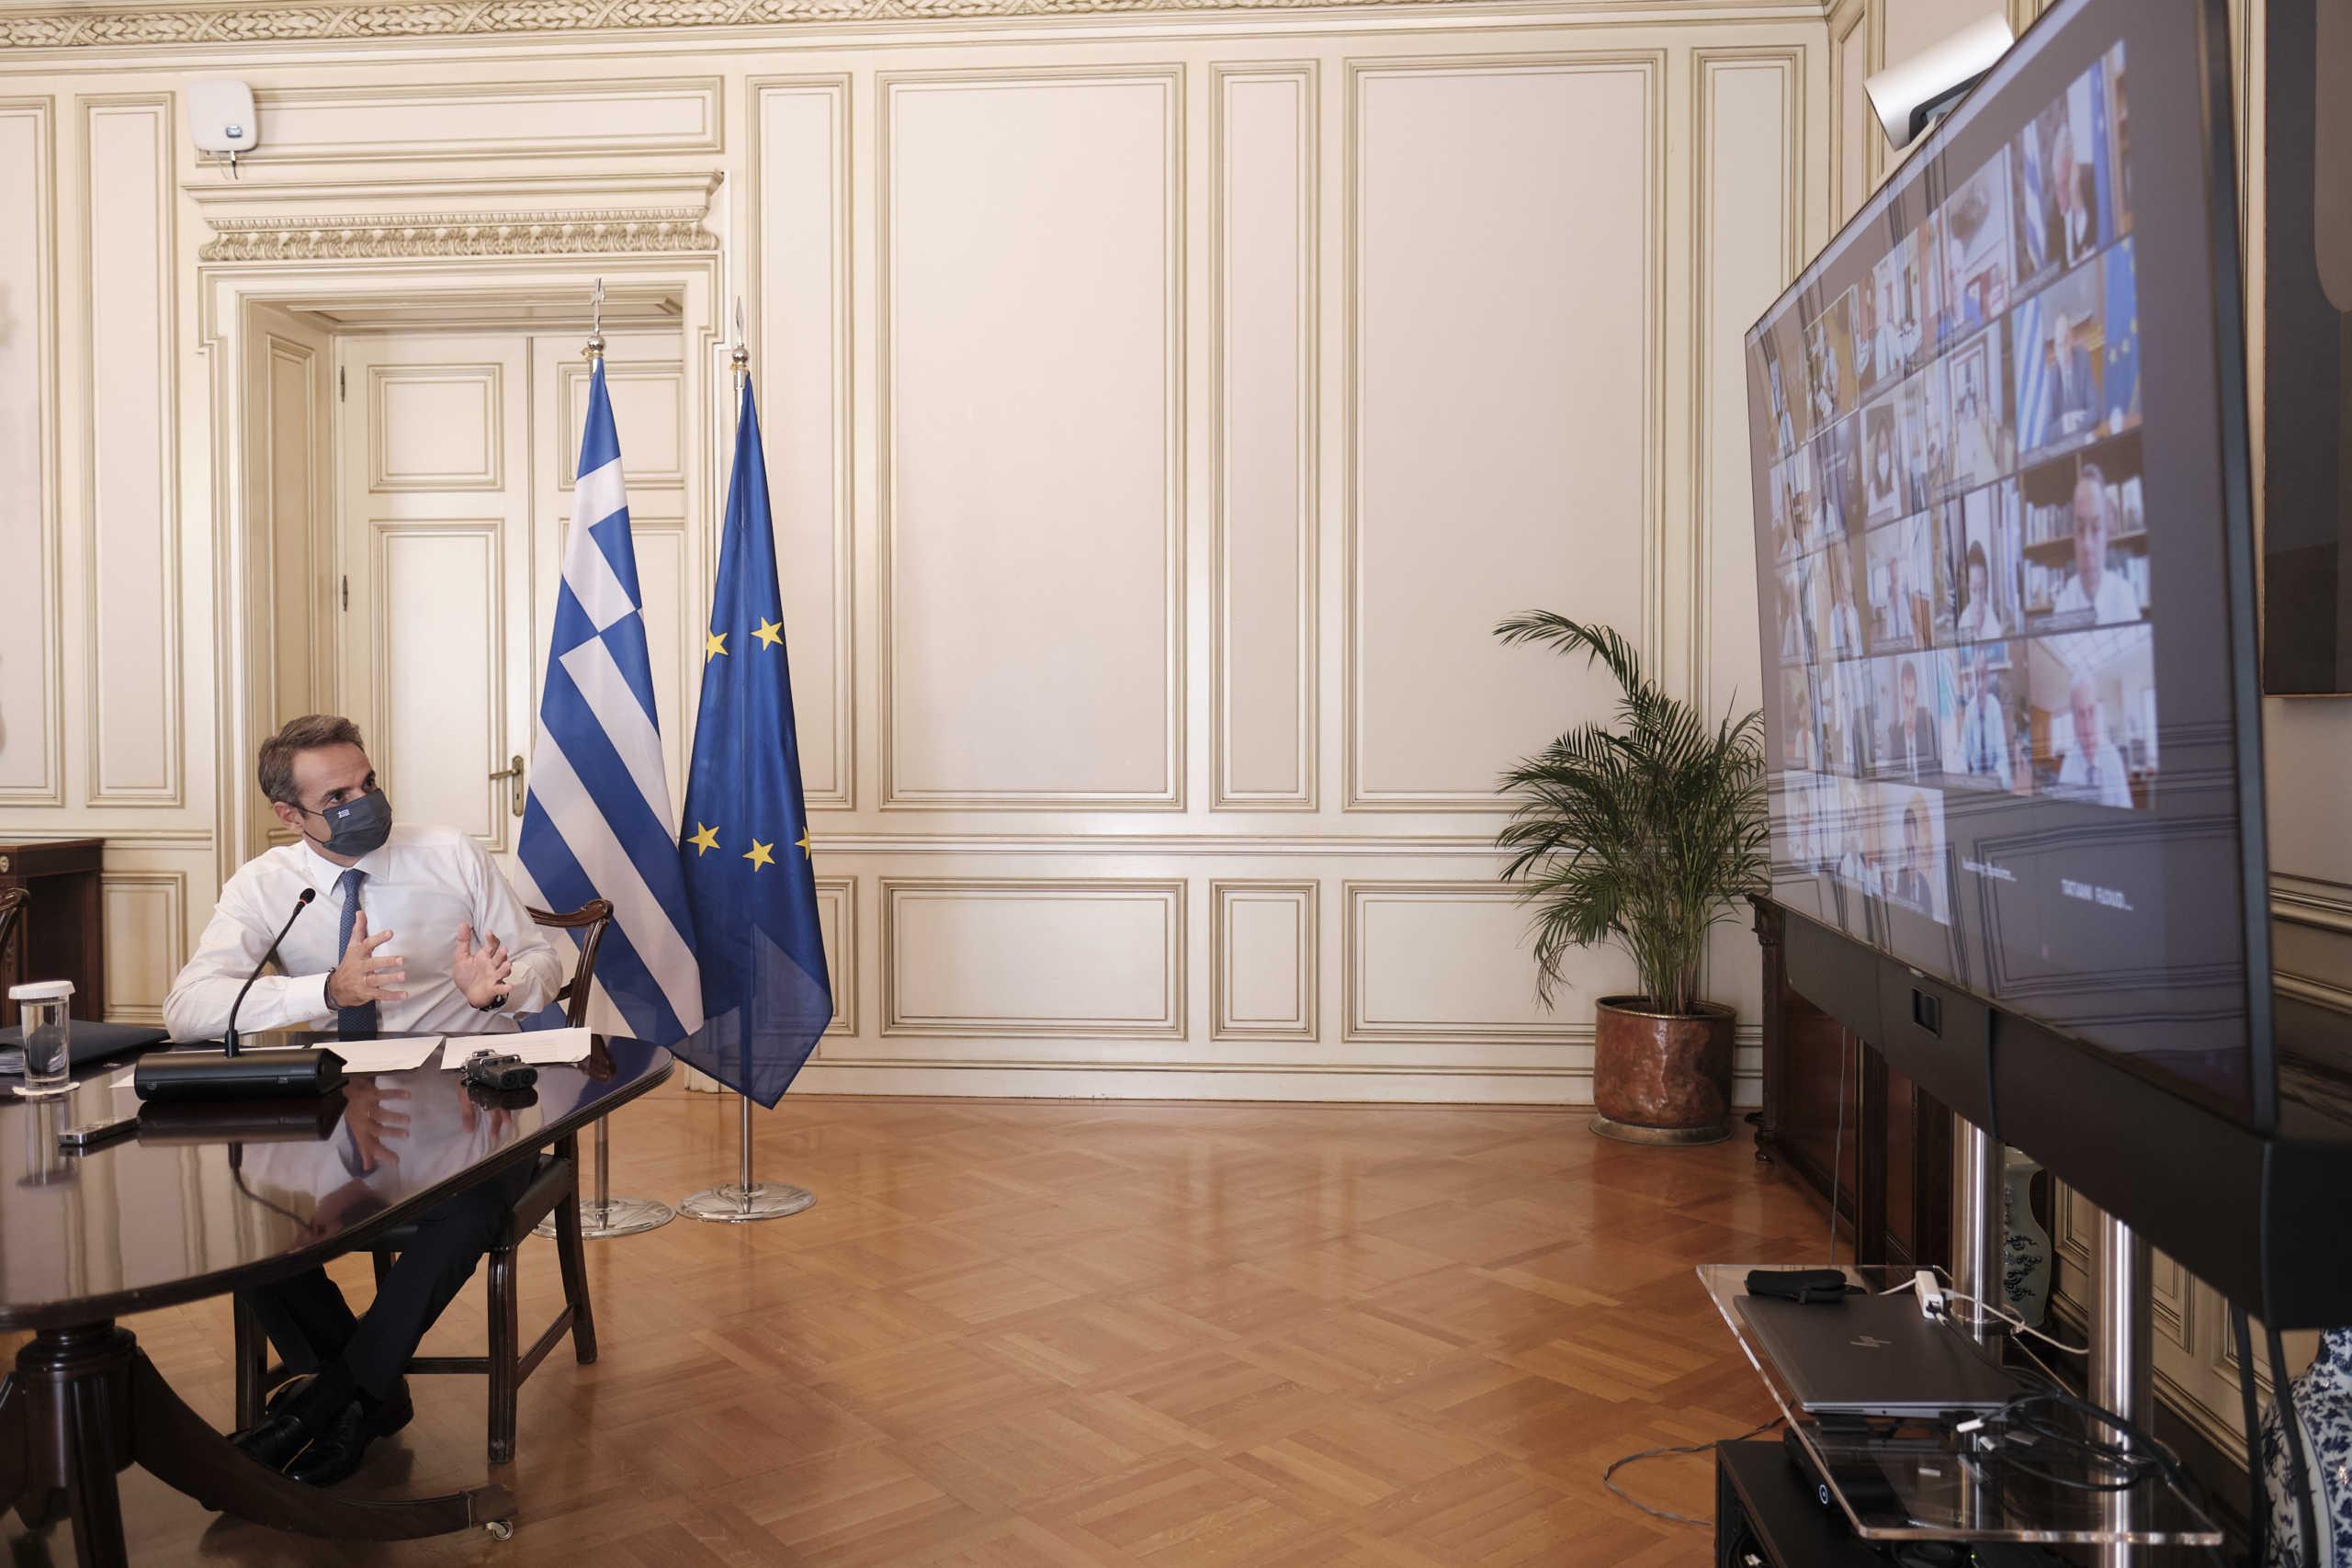 Συστάσεις Μητσοτάκη στους υπουργούς του: Αναλάβετε τις ευθύνες σας! Δεν είστε αναρμόδιοι